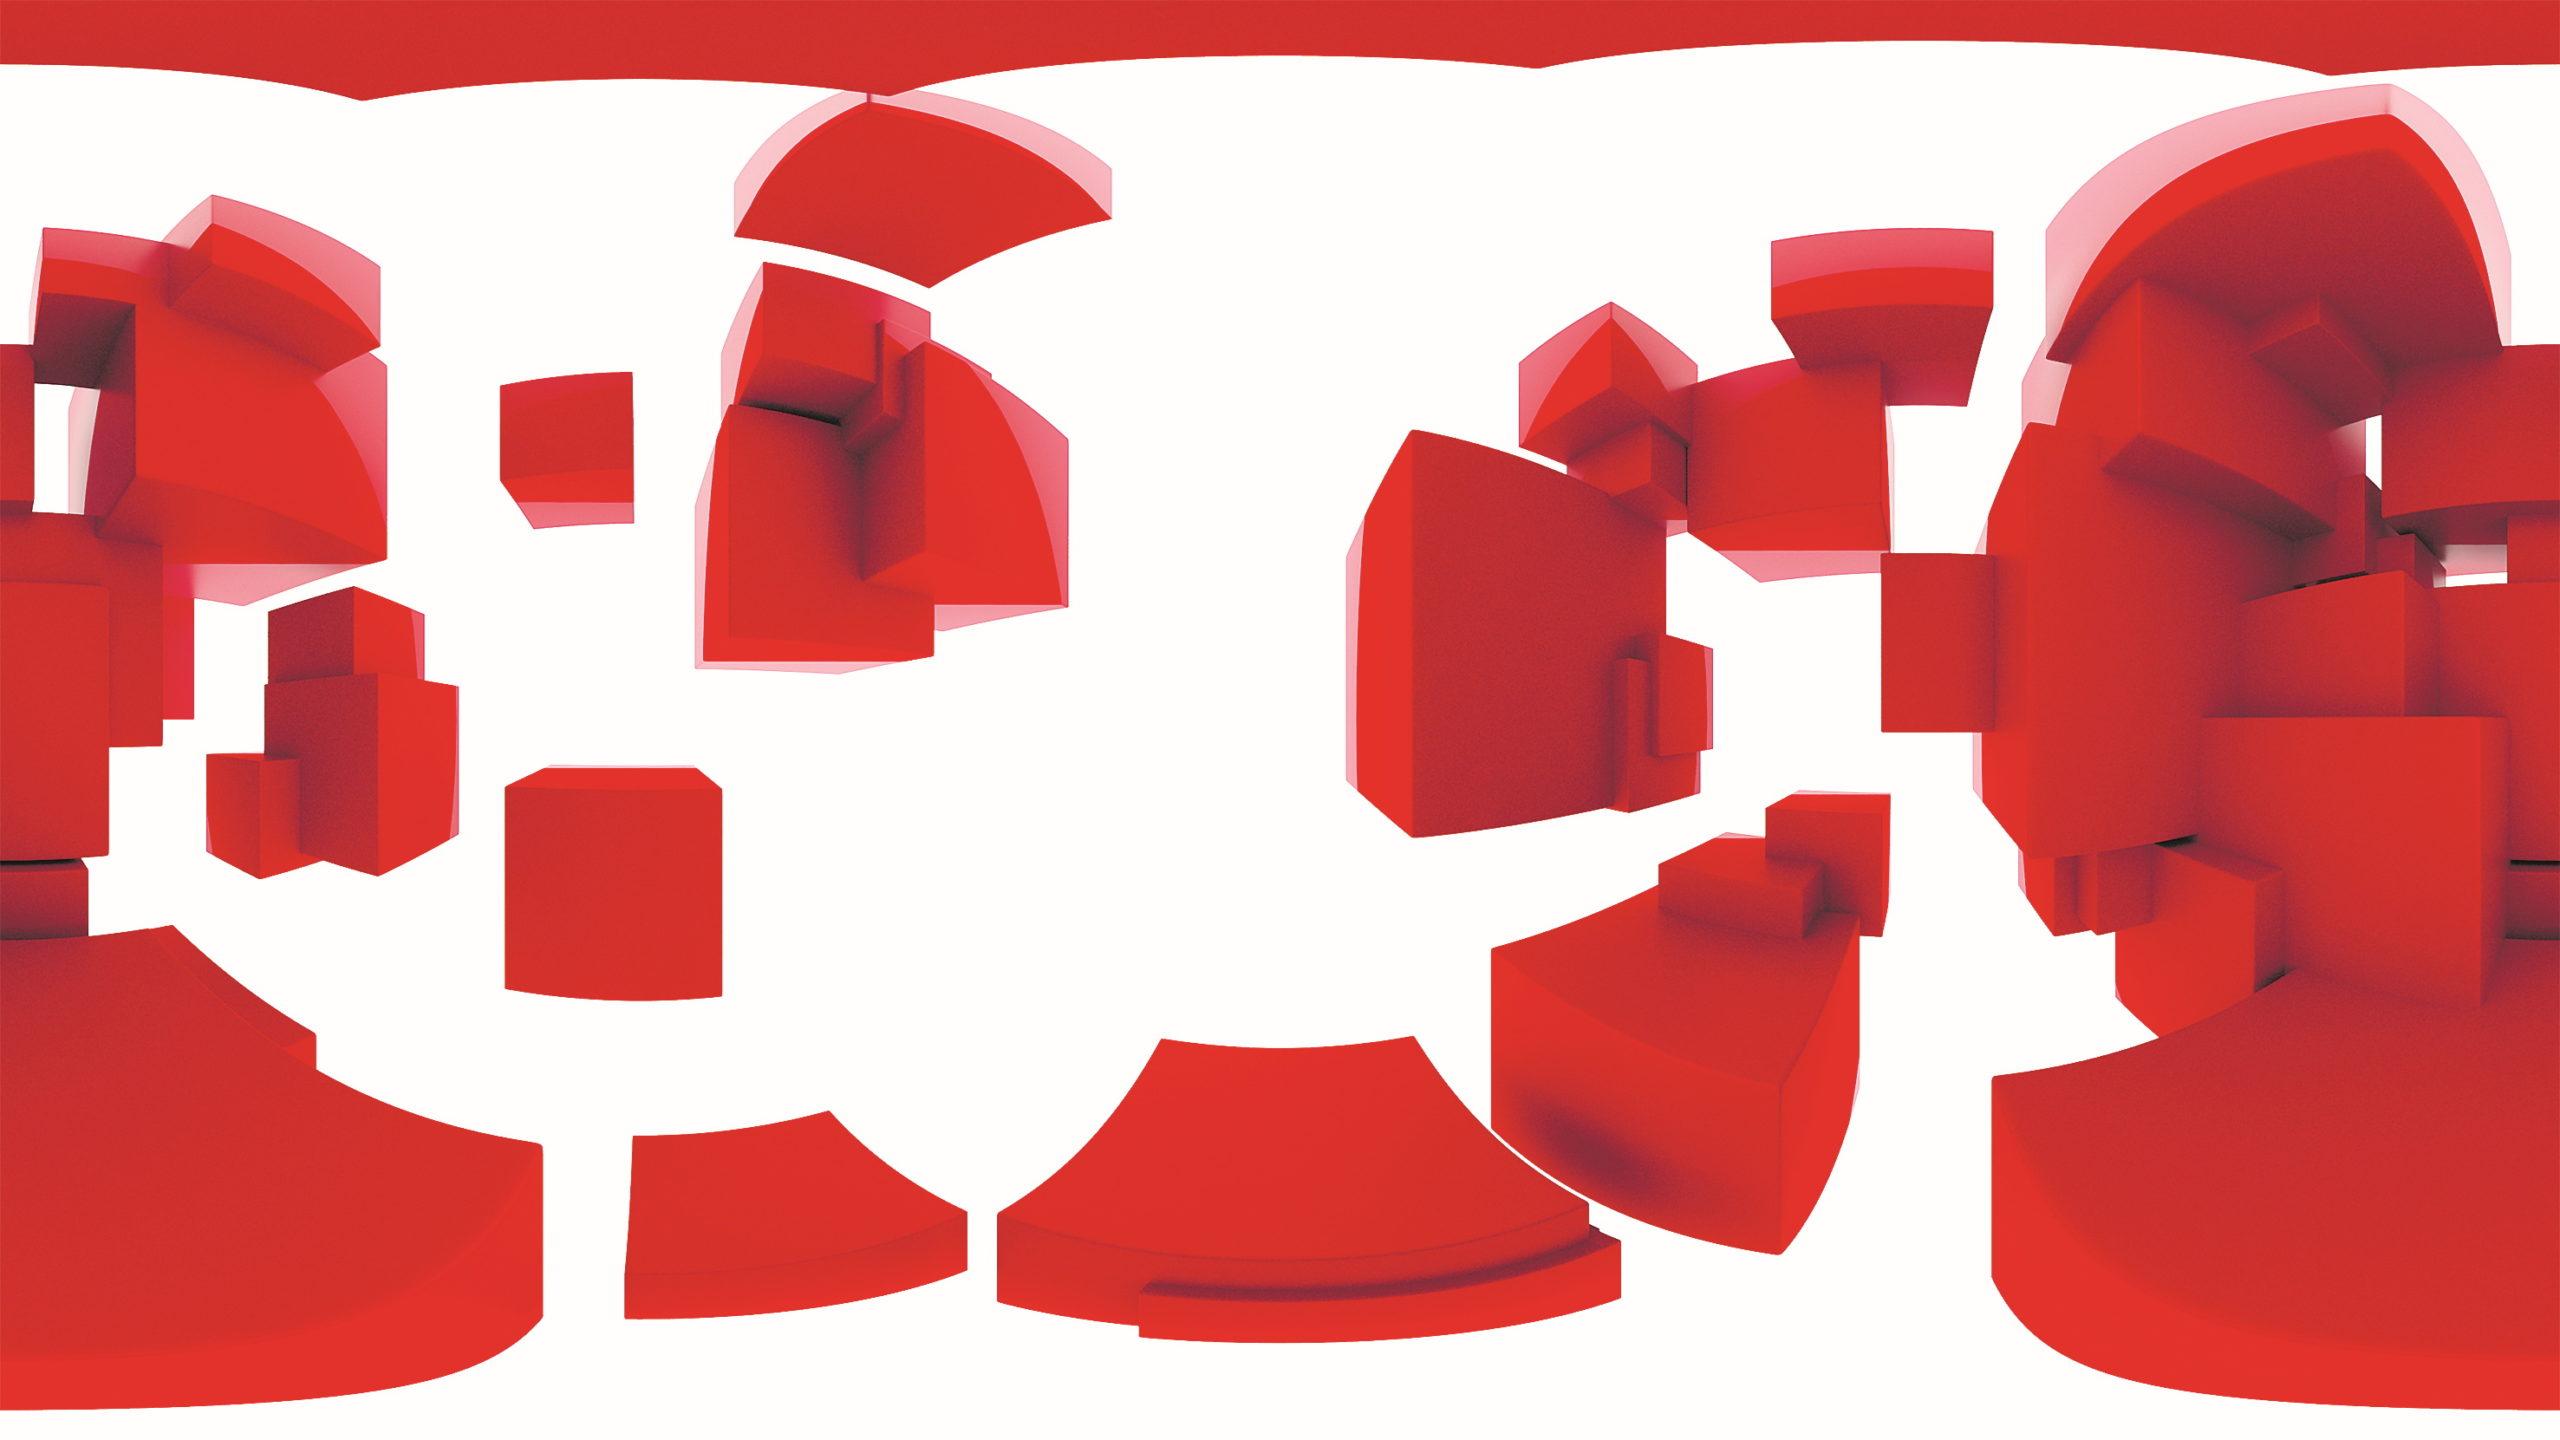 Self-Made HDR-Textur mit einer eigenen Bühne – ideal für Marketing- oder Werbeapplikationen.